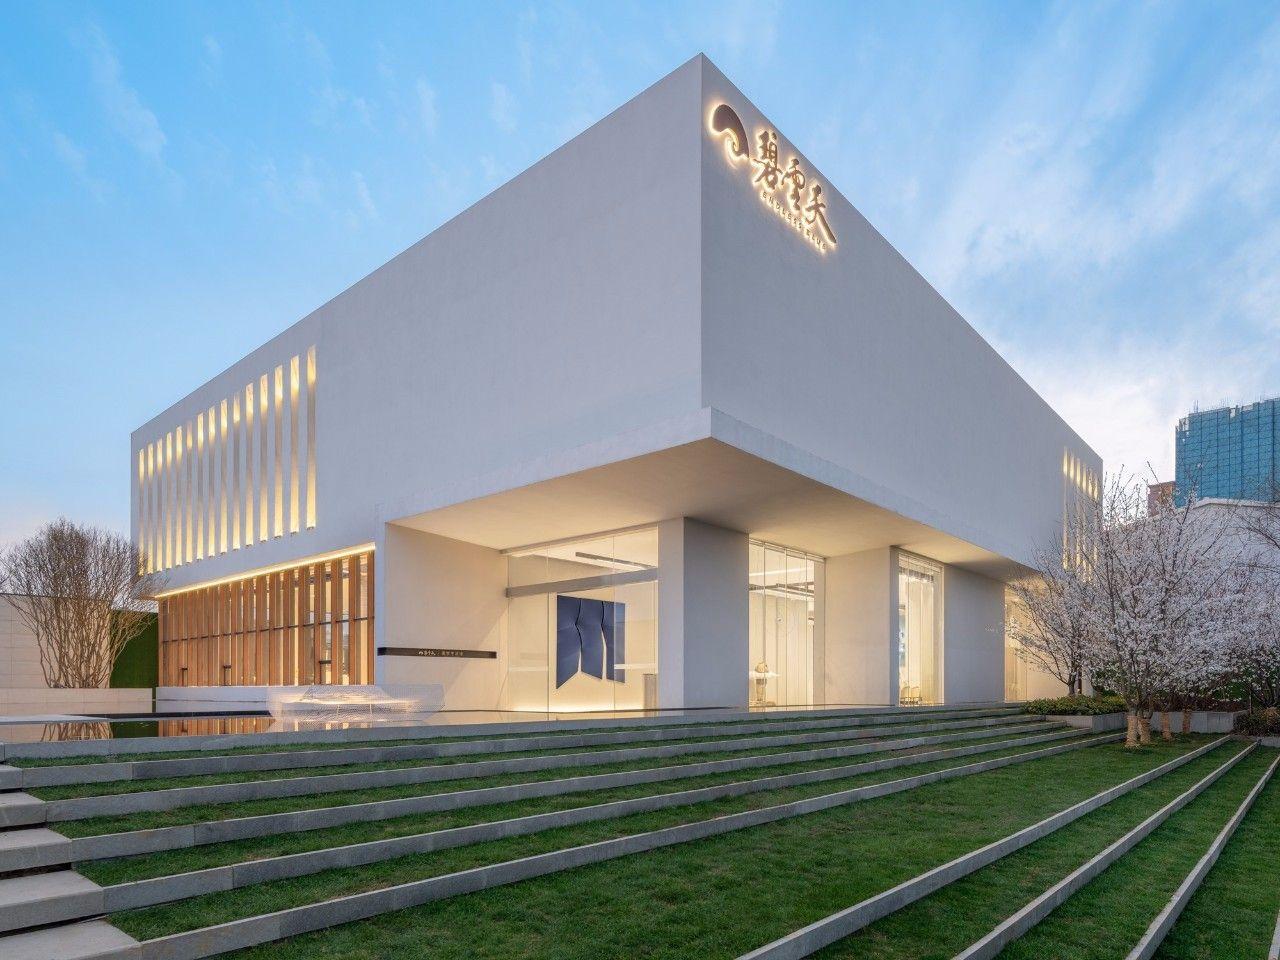 【G&K新作】武汉最艺术的沉浸体验式售楼处设计